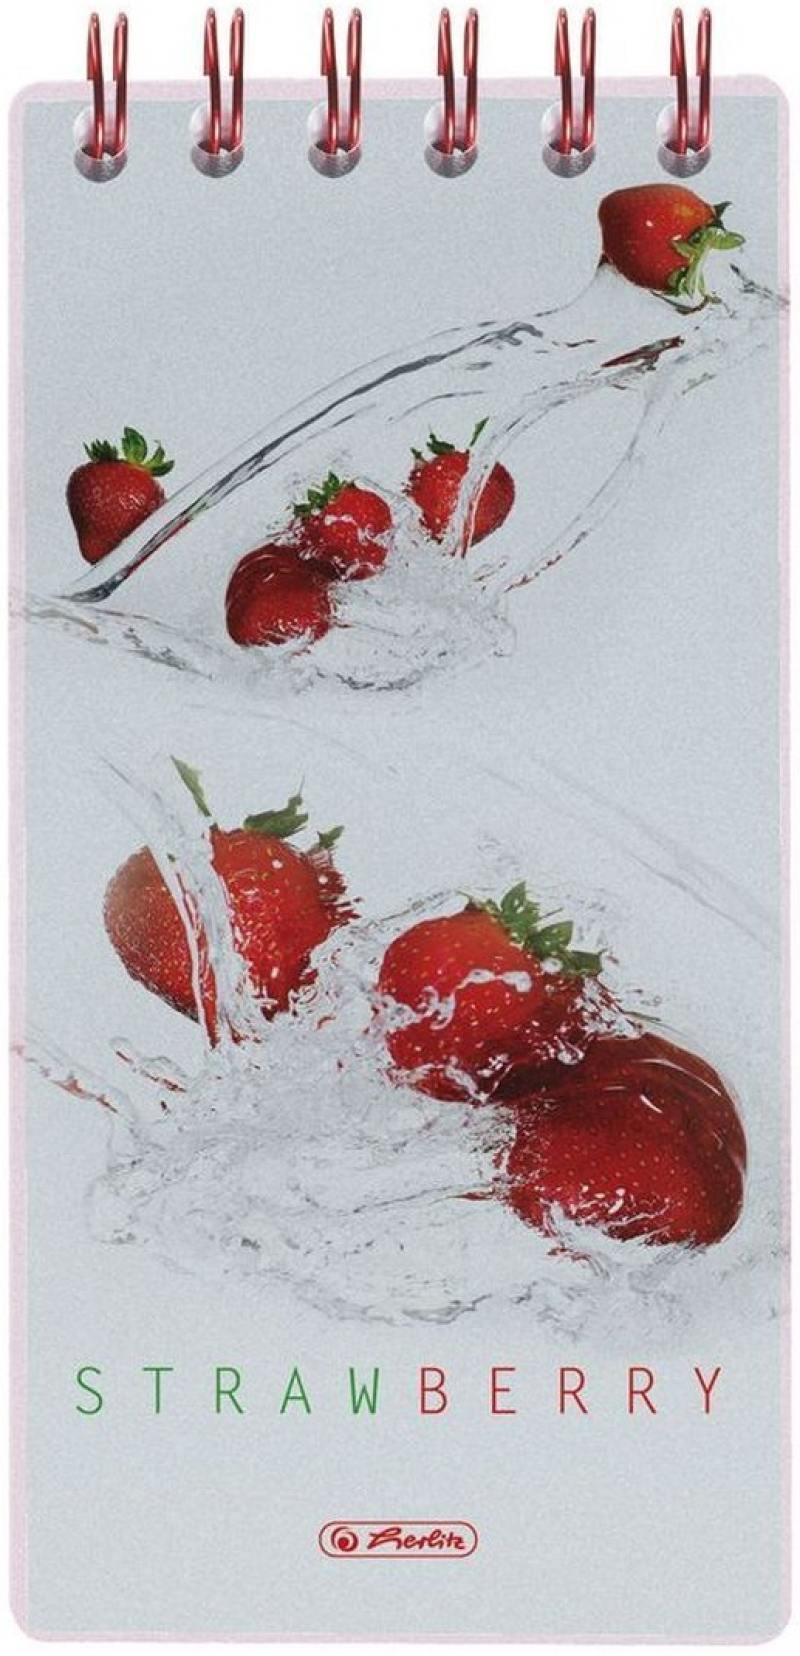 Блокнот Herlitz Fresh Fruit Strawberry 8.5x17 см 100 листов 11306248 11306248 strawberry print pencil case